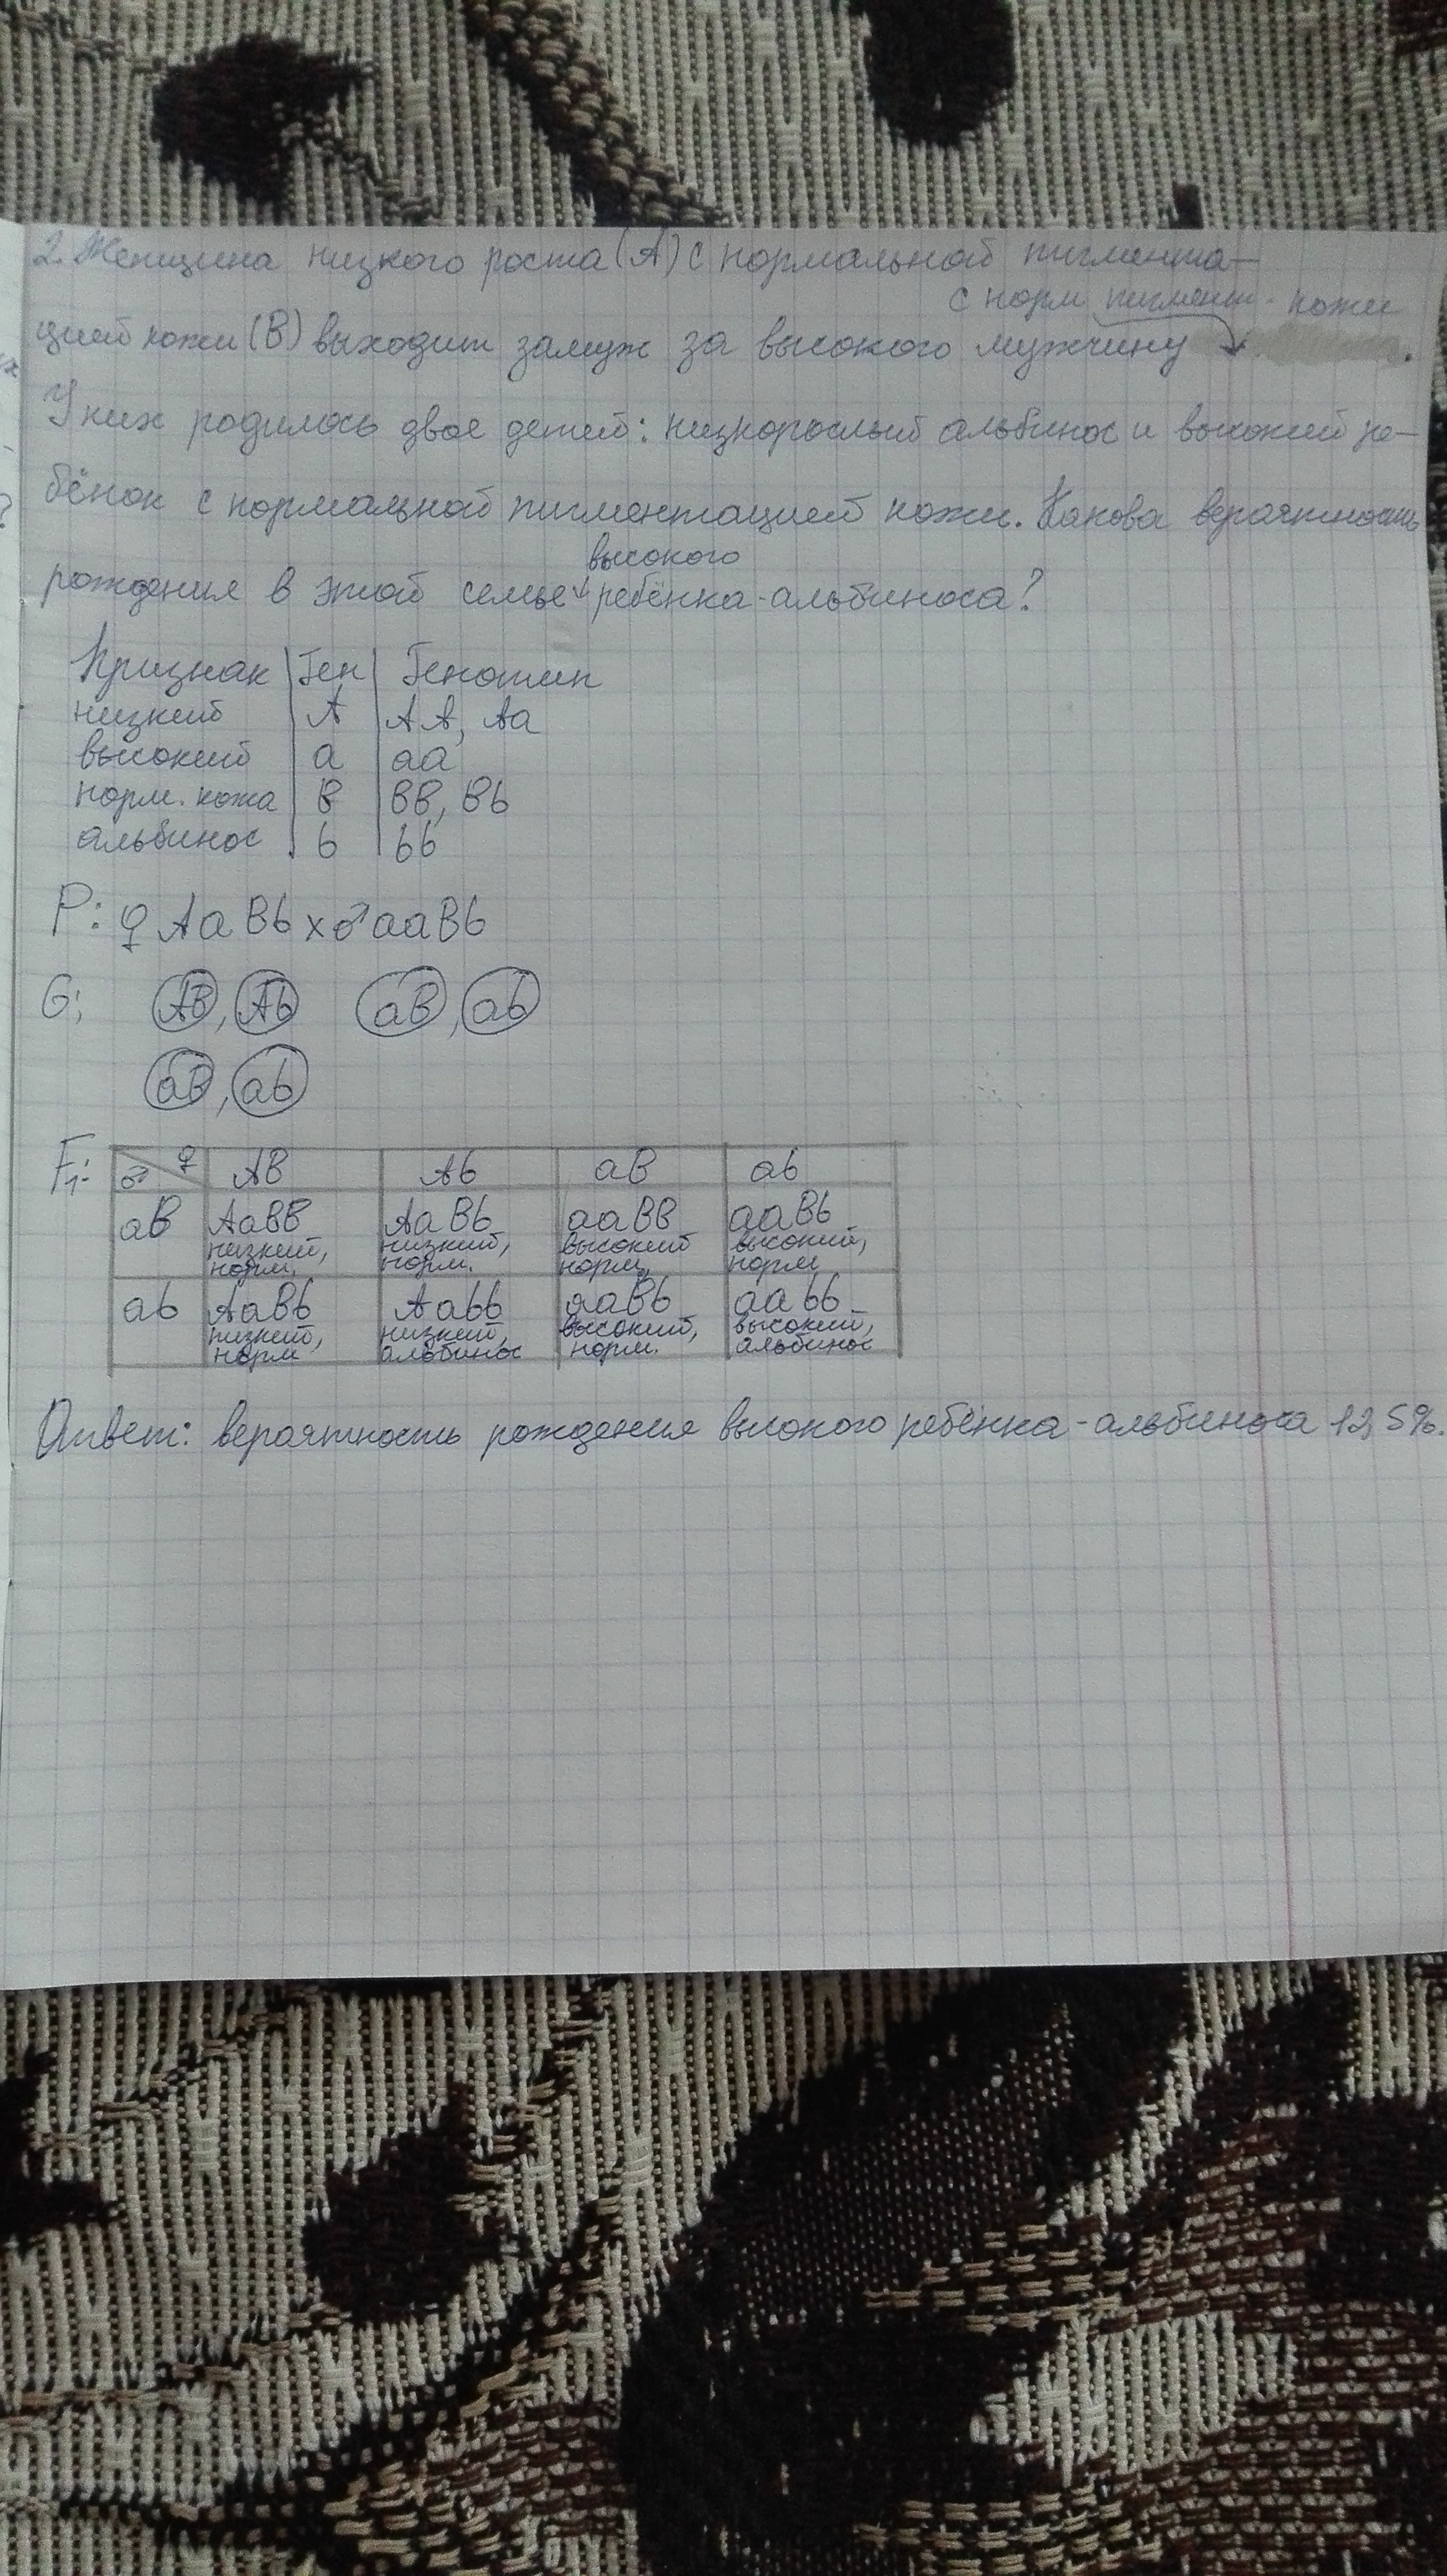 Простые задачи на дигибридное скрещивание с решением решения задач на паскале онлайн бесплатно